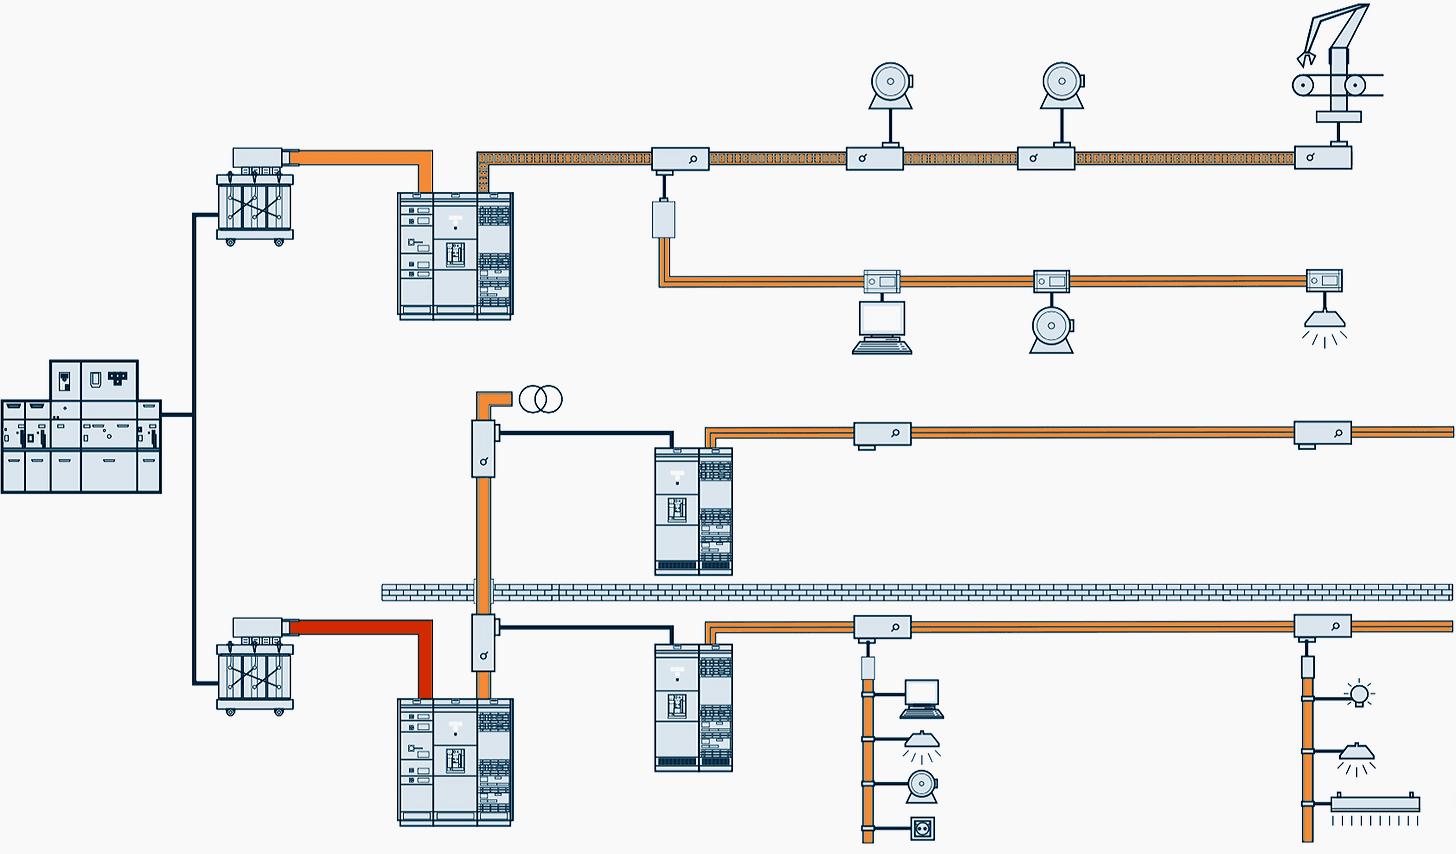 A BusBar trunking system